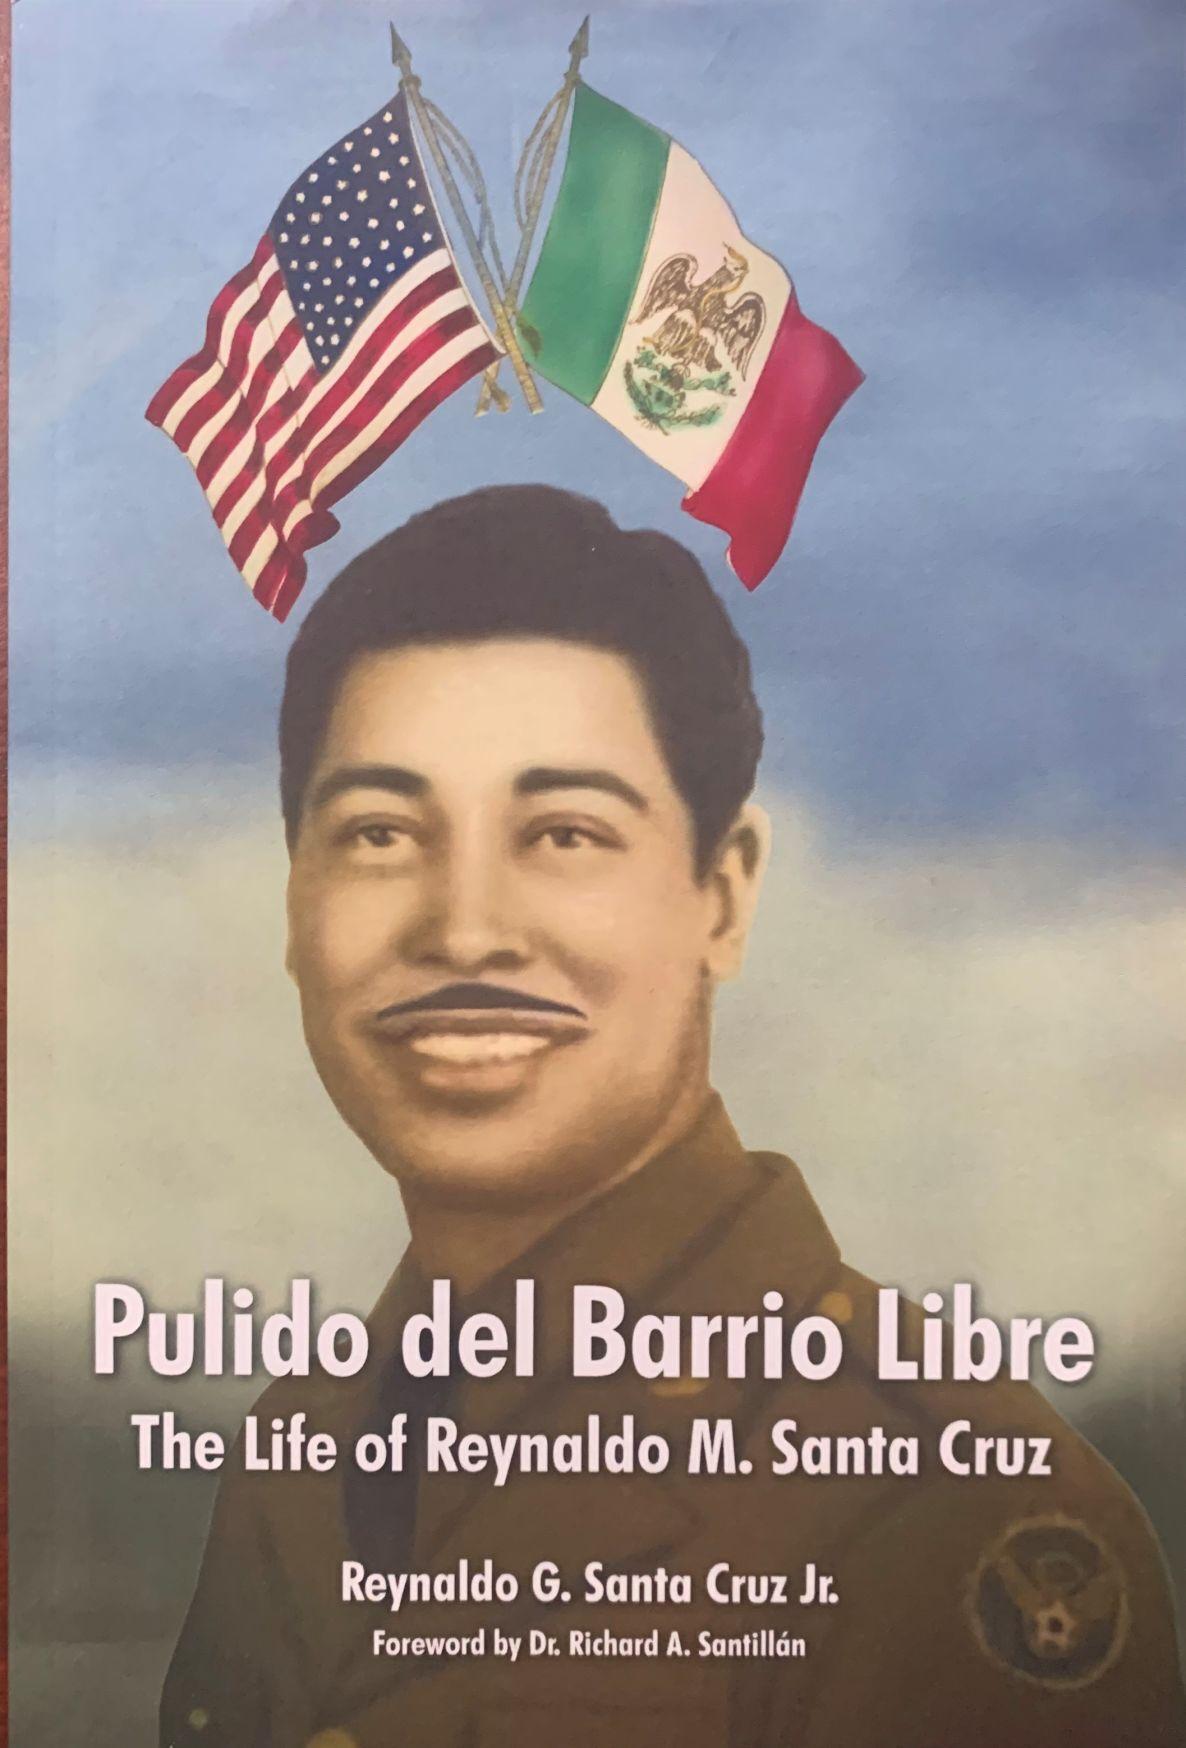 Pulido del Barrio Libre: The Life of Reynaldo M. Santa Cruz